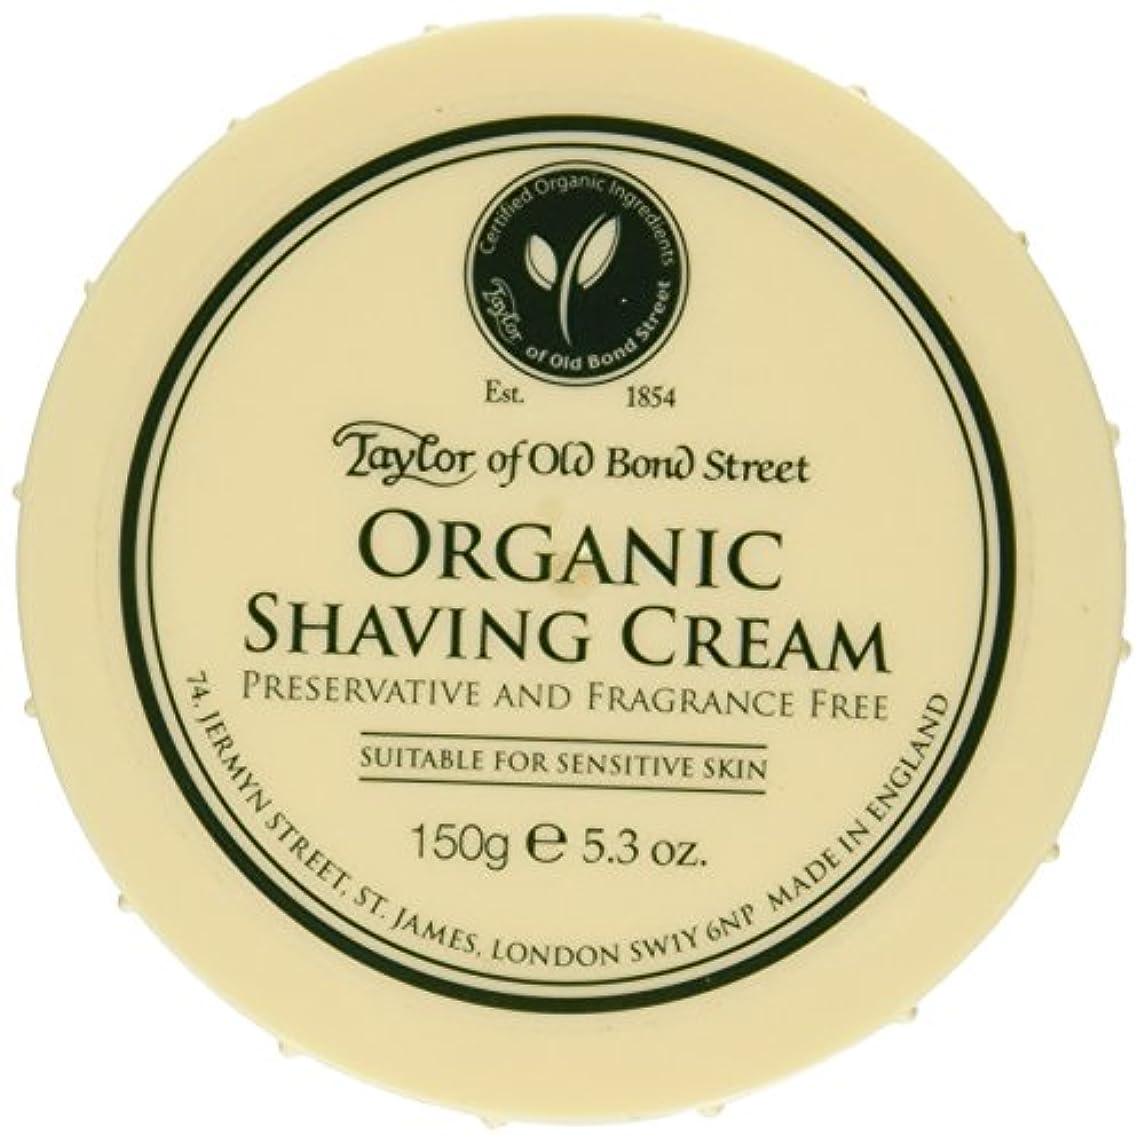 駐地表現フレキシブルTaylor of Old Bond Street Organic Shaving Cream w/ Aloe & Jojoba *New* 5.3 oz. by Taylor of Old Bond Street